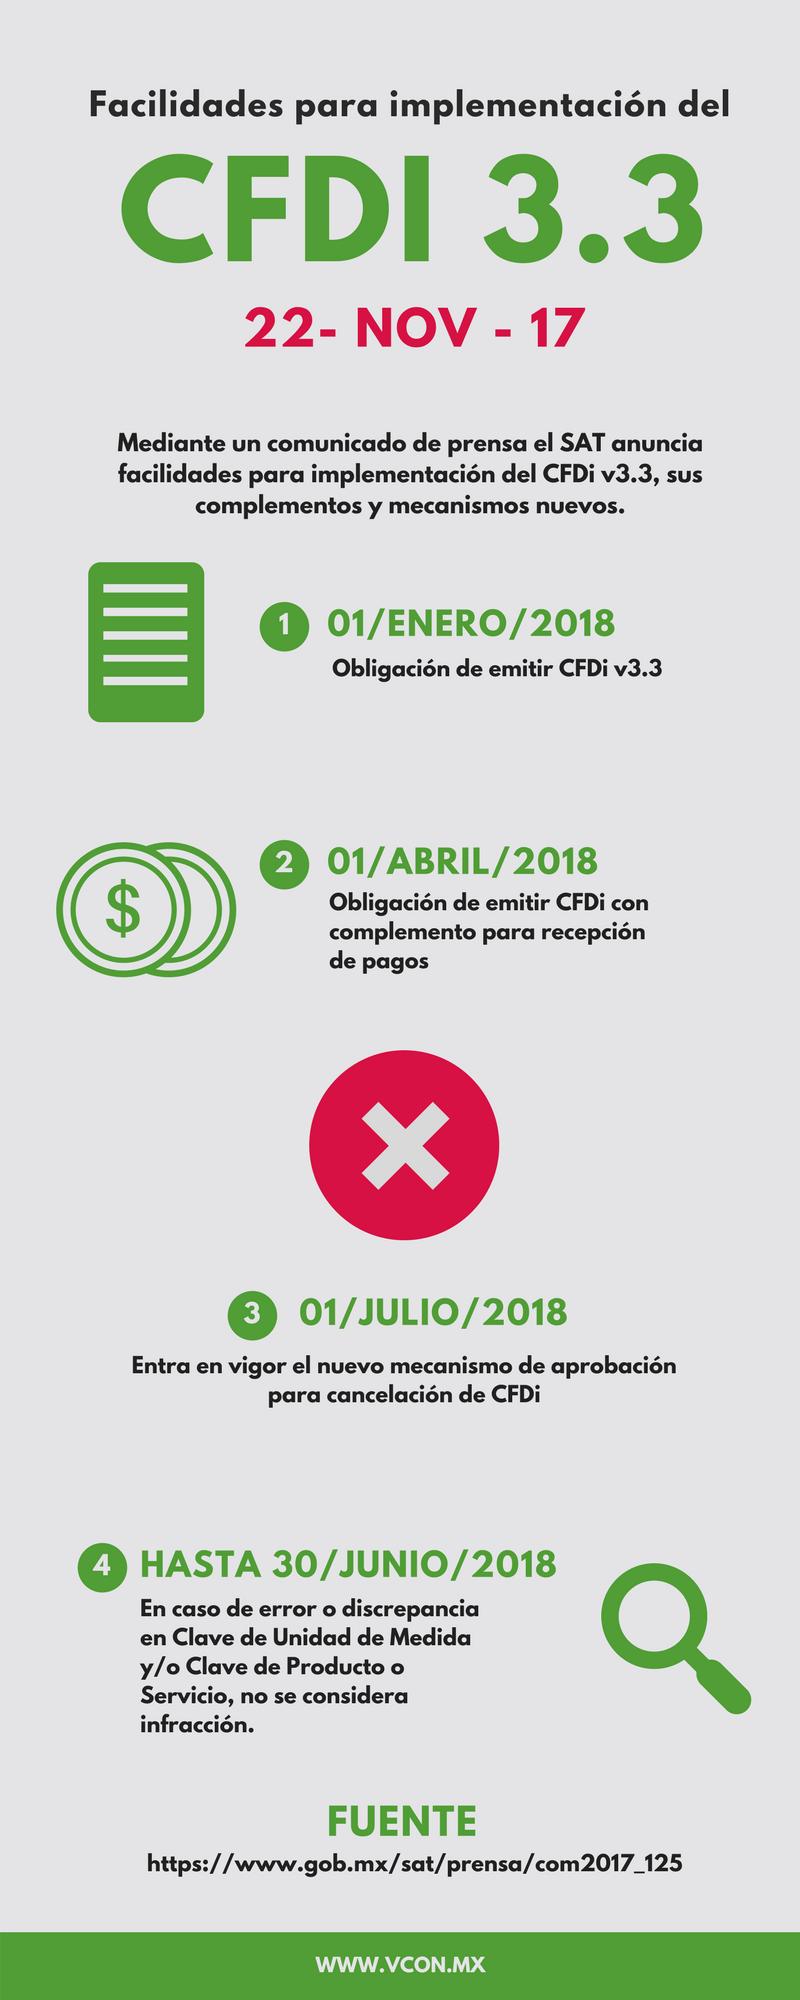 Infografía: Facilidades CFDi 3.3